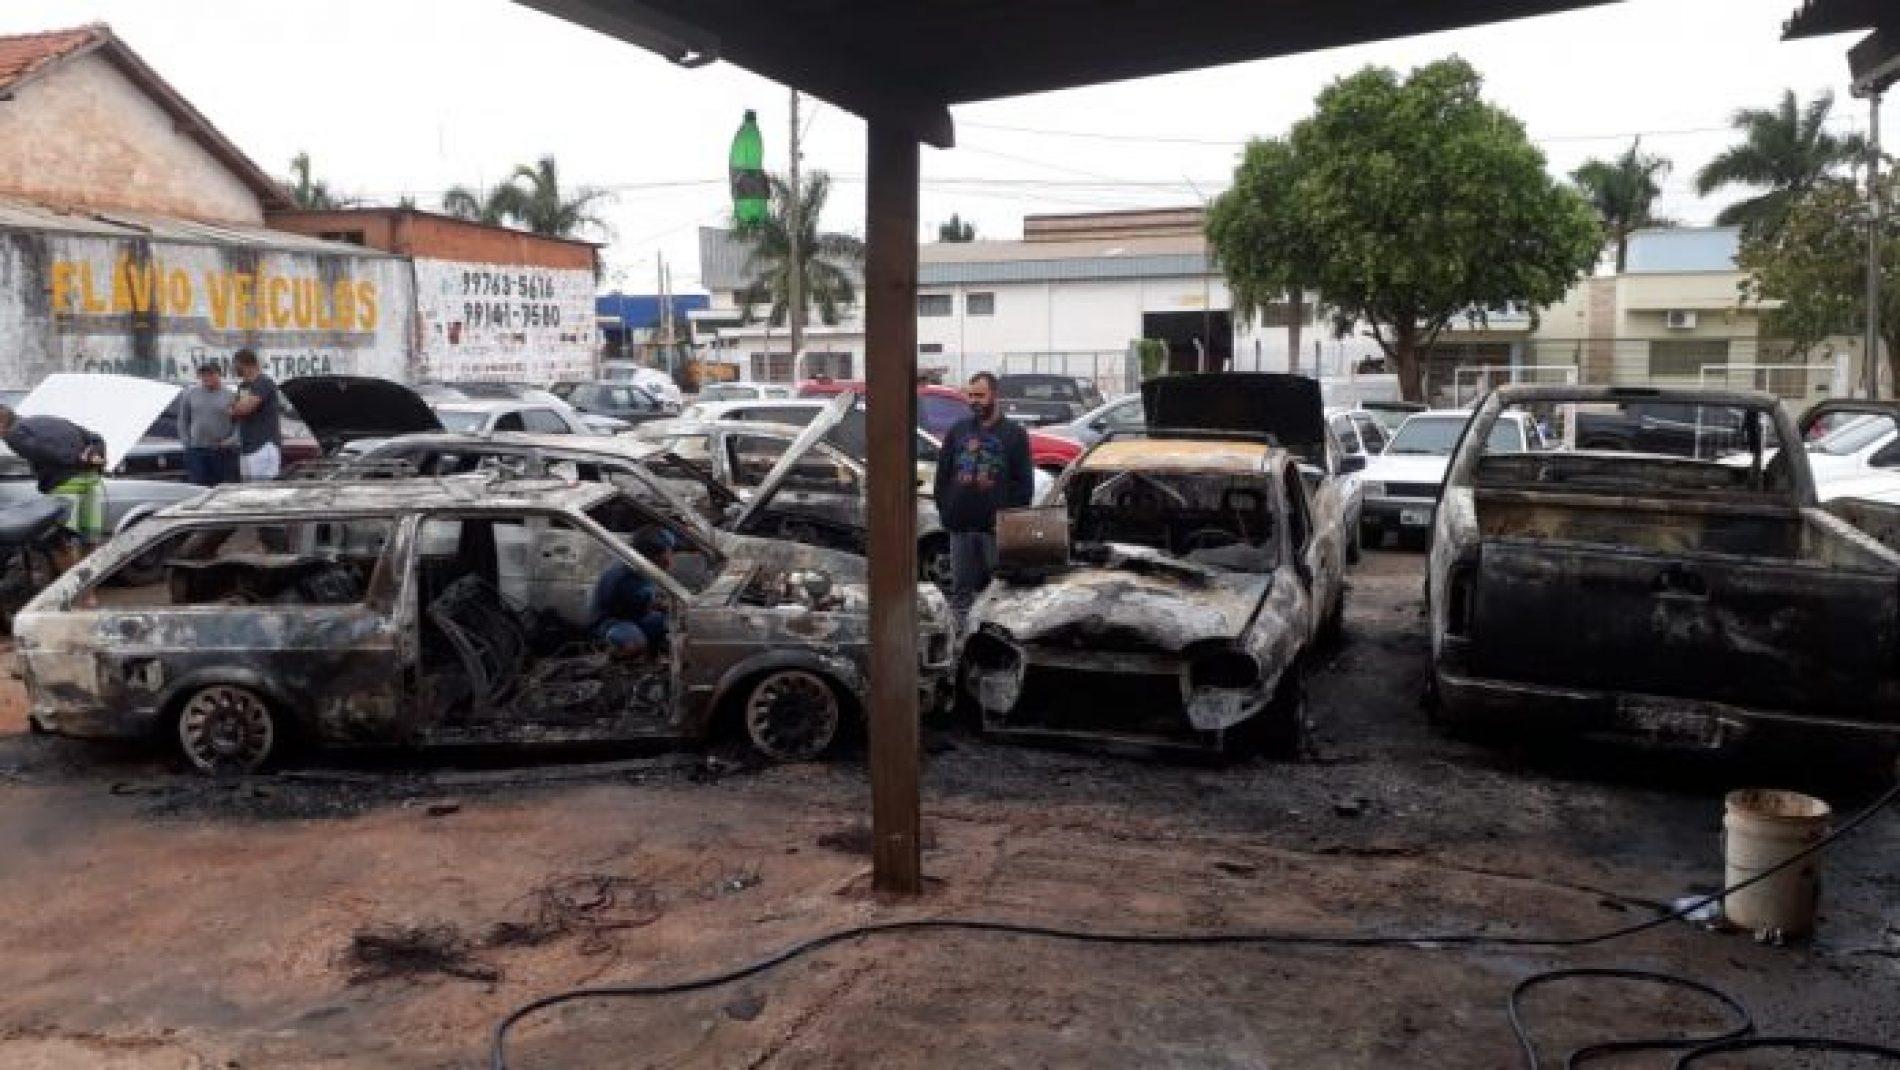 OLÍMPIA: Incêndio em revendedora atinge nove carros